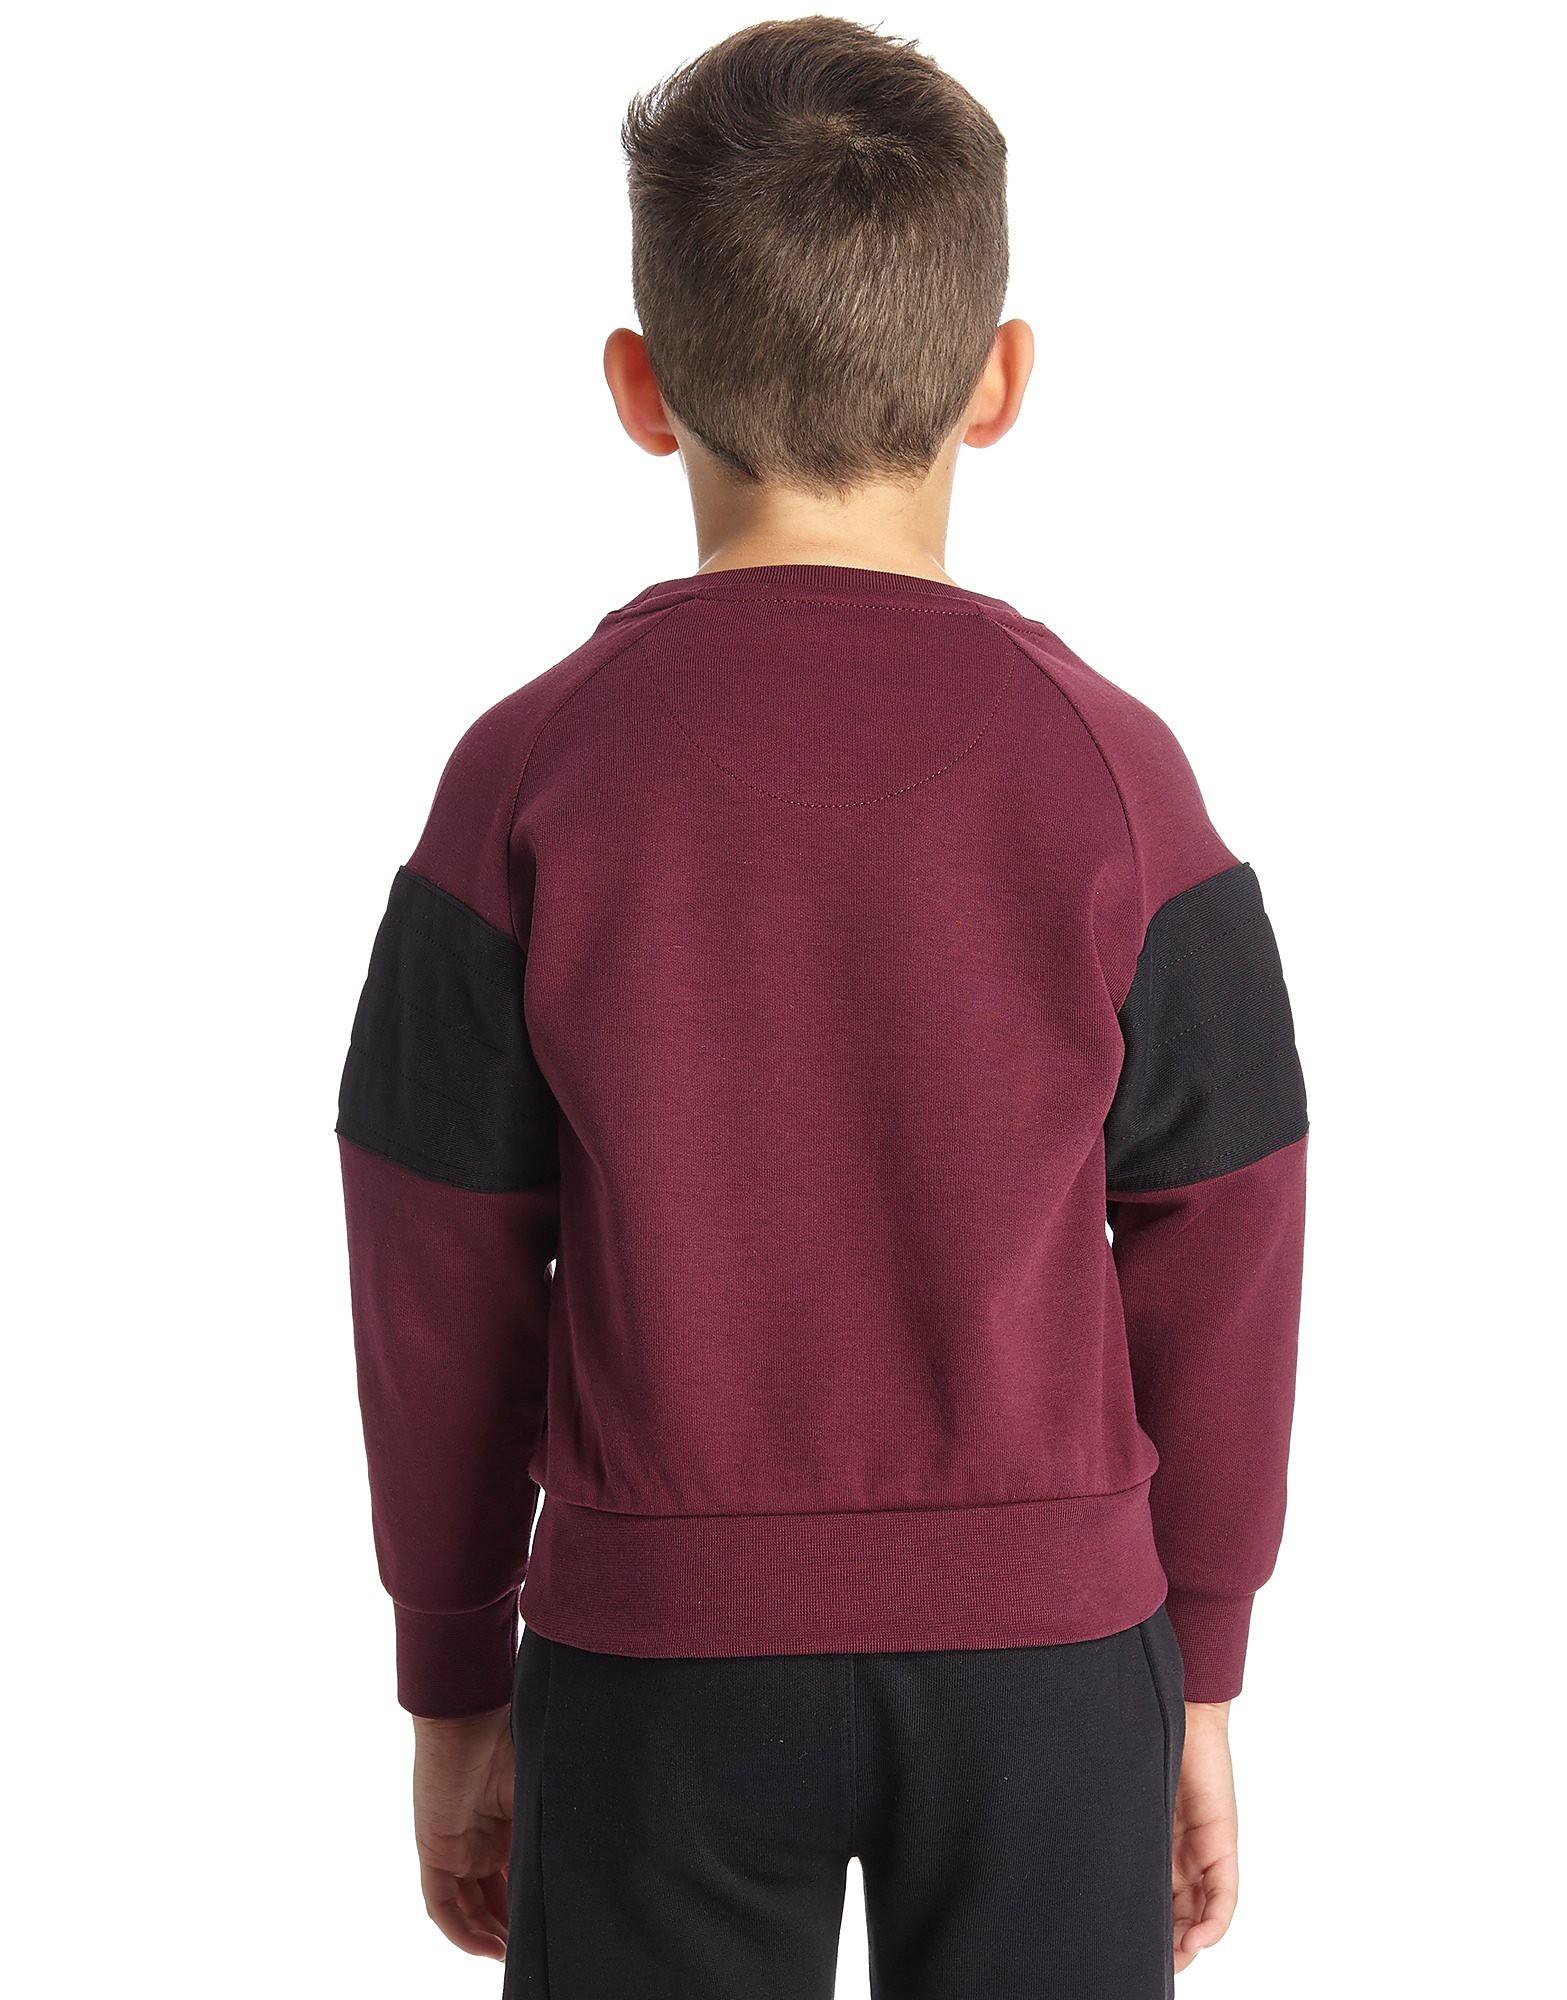 Duffer of St George Earl Crew Neck Sweatshirt Children